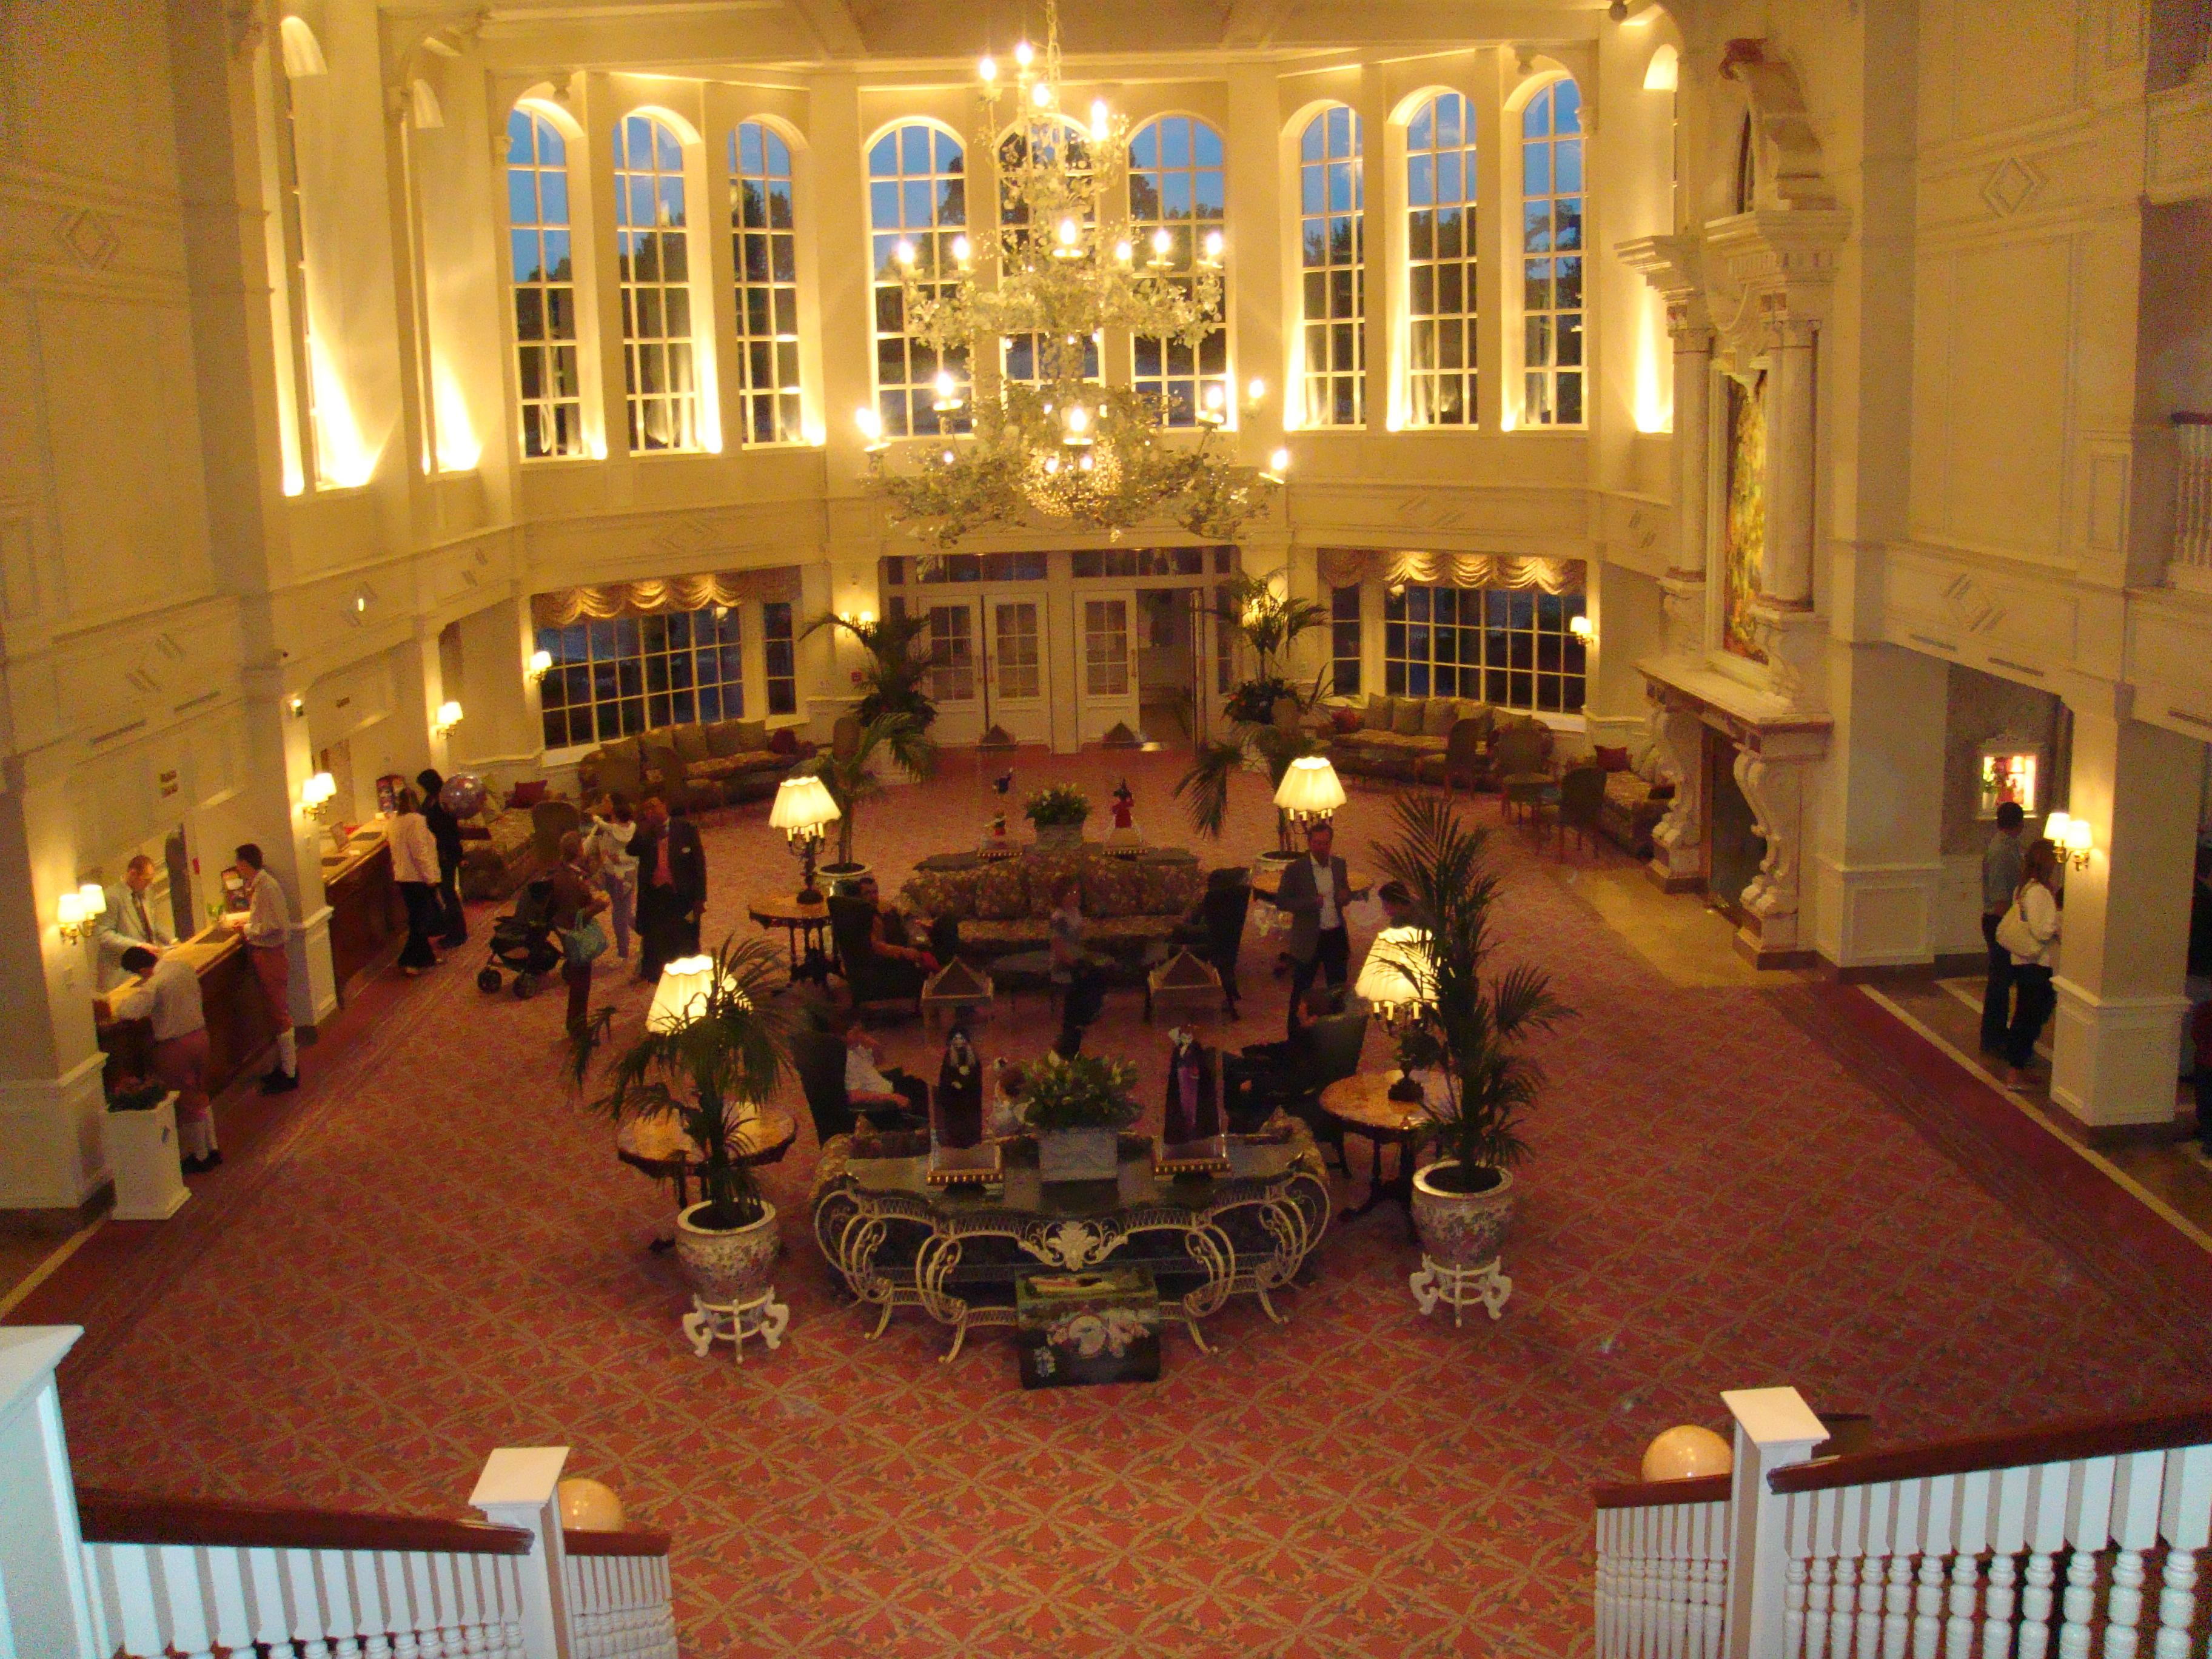 Hotel disneyland l 39 entr e disneyland cathy555 for Chambre castle club disneyland hotel